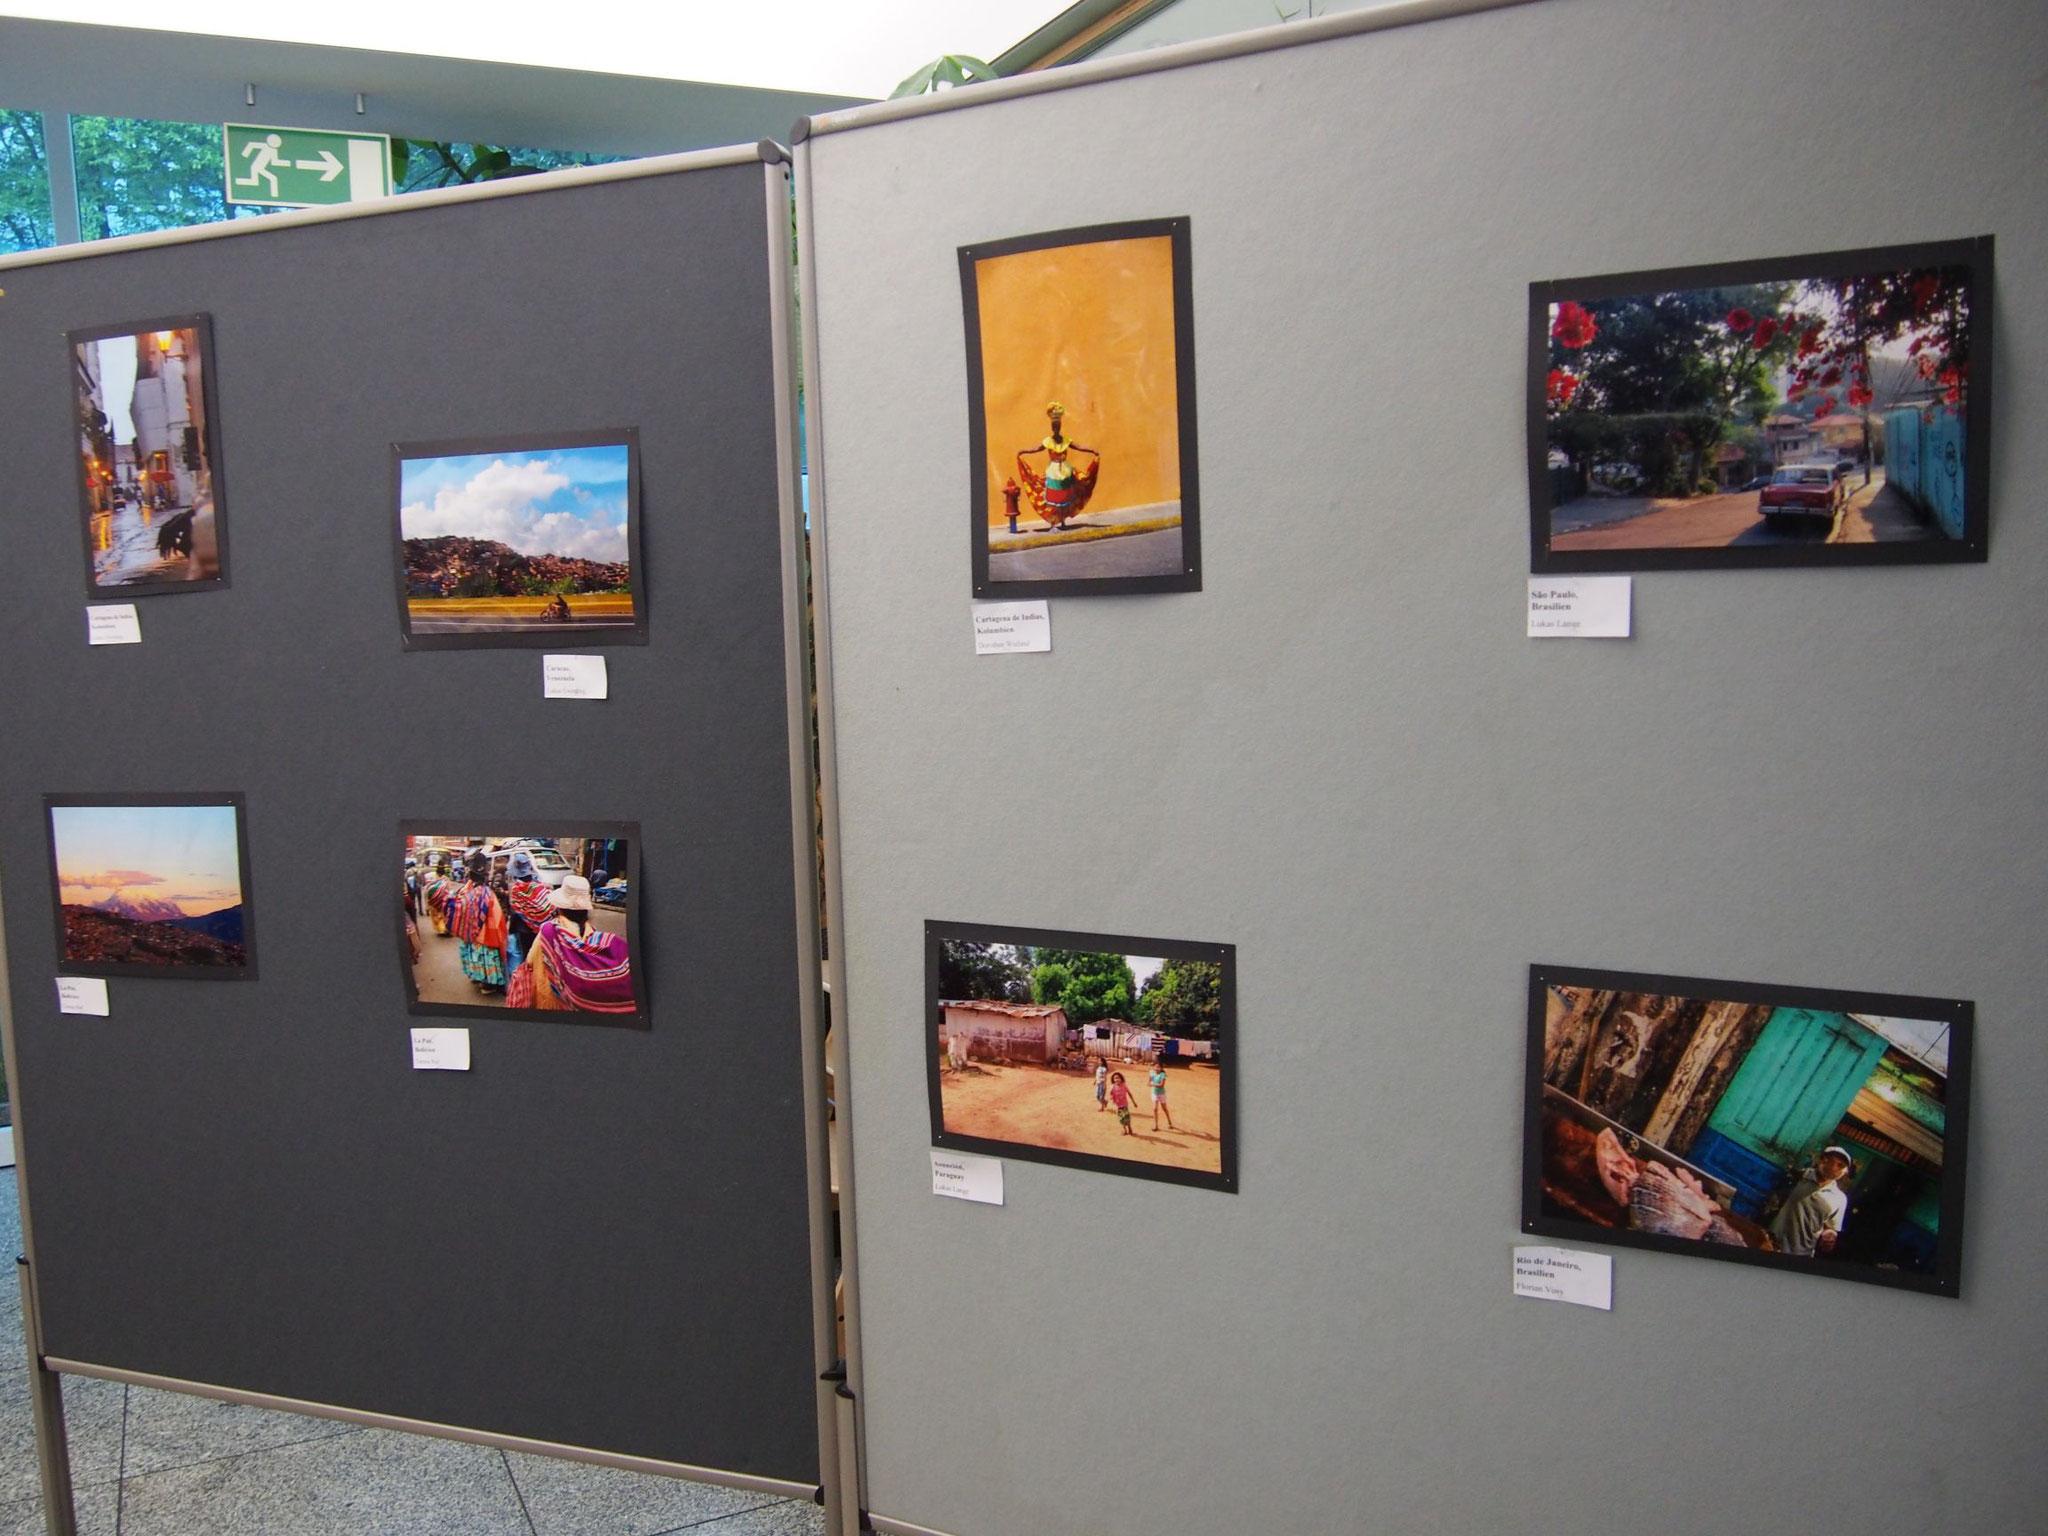 Der Fotowettbewerb © Maria Fiedler